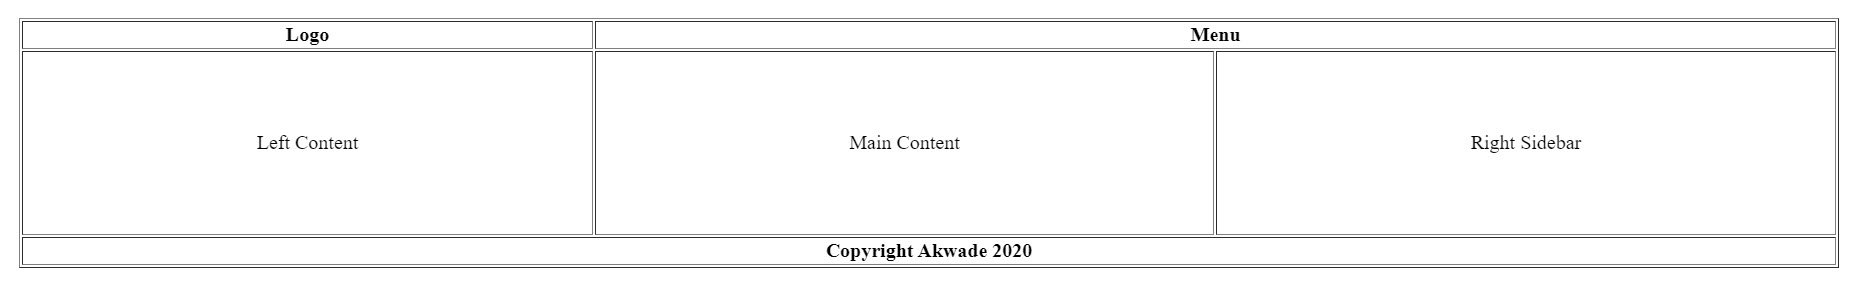 استخدام الجداول لتقسيم الصفحة بدلا عن css قبل اخترع الـ css